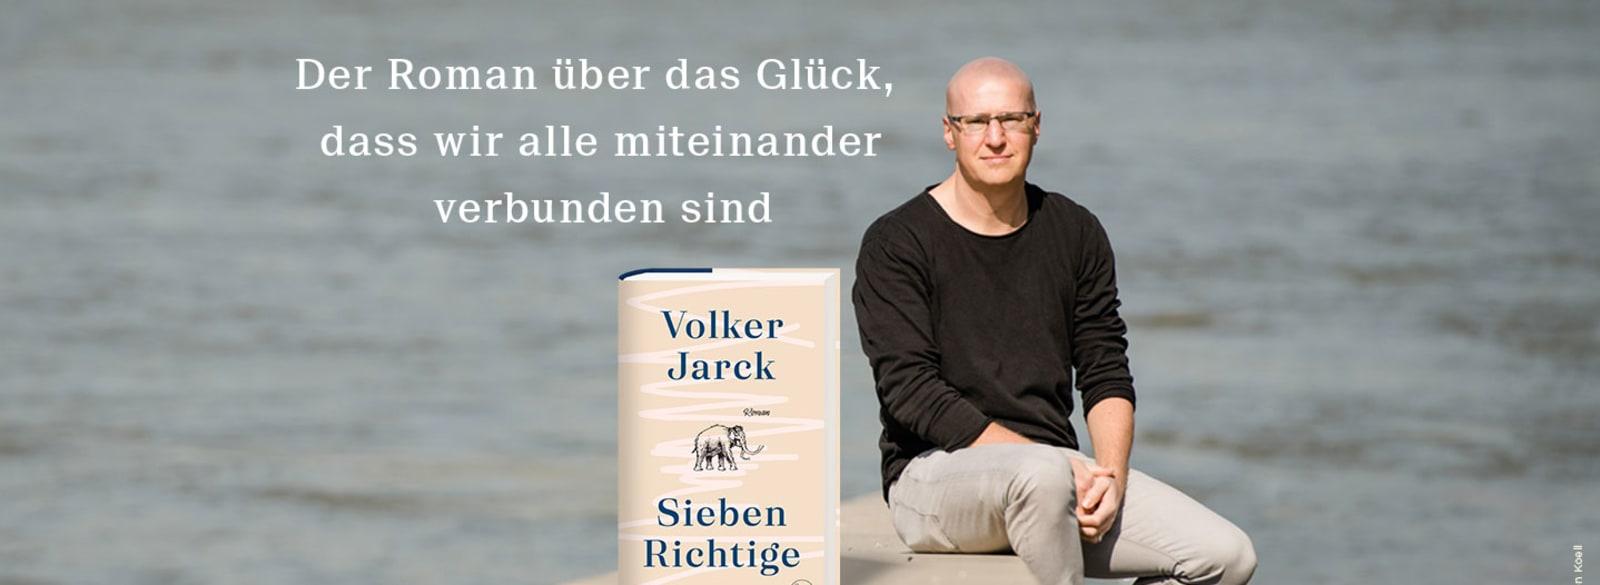 Banner: Volker Jarck und sein Titel Sieben Richtige